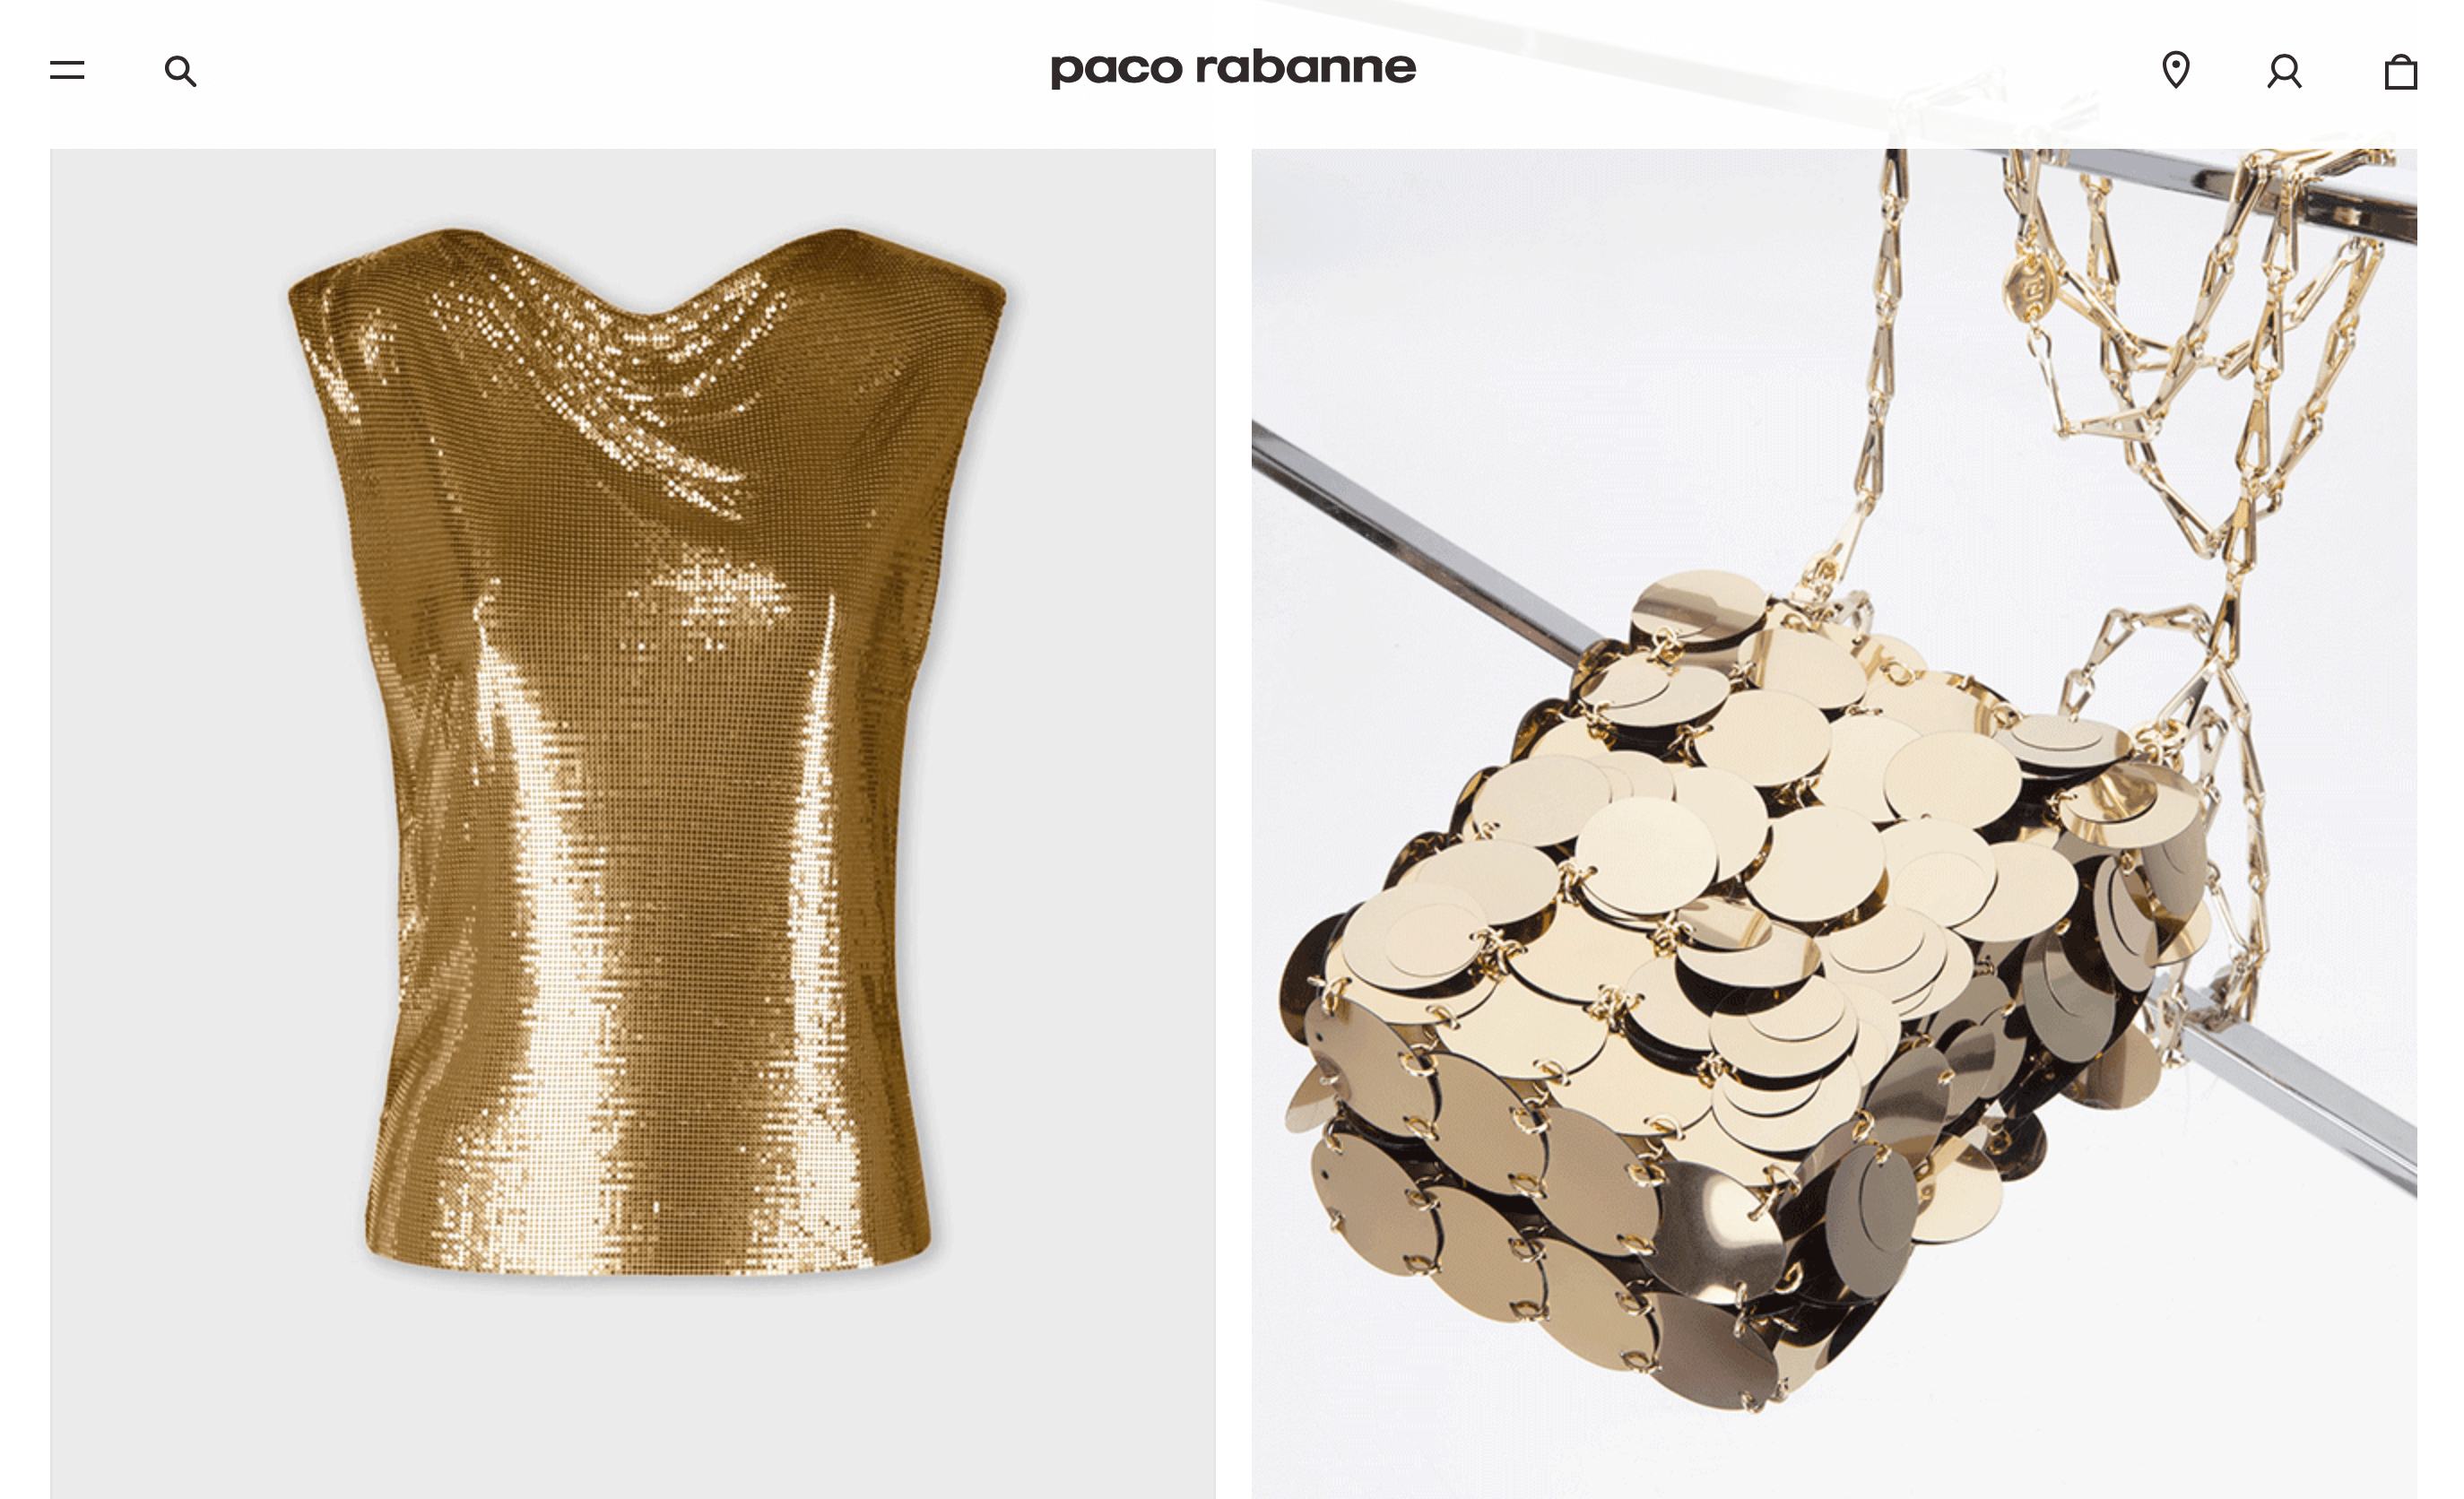 法国设计师品牌 Paco Rabanne 推出首个男装系列,2025年目标实现年销售额10亿欧元